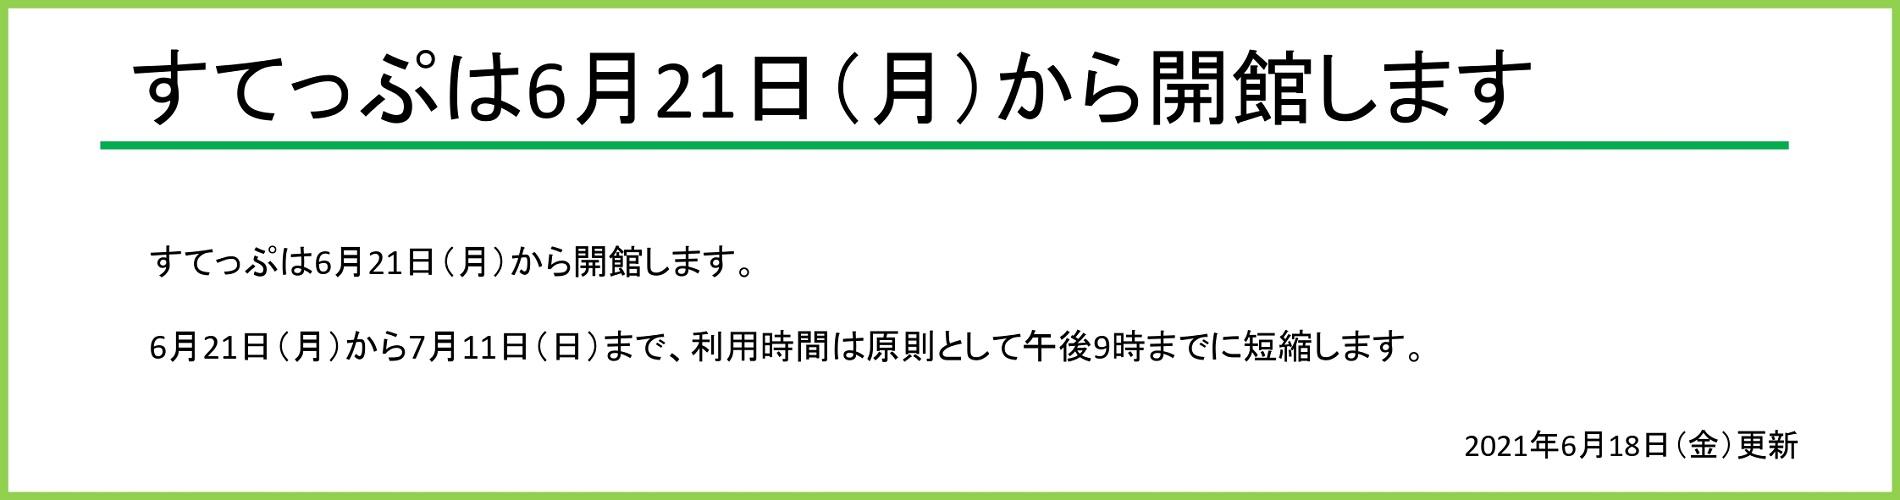 すてっぷは6月21日(月)から開館します